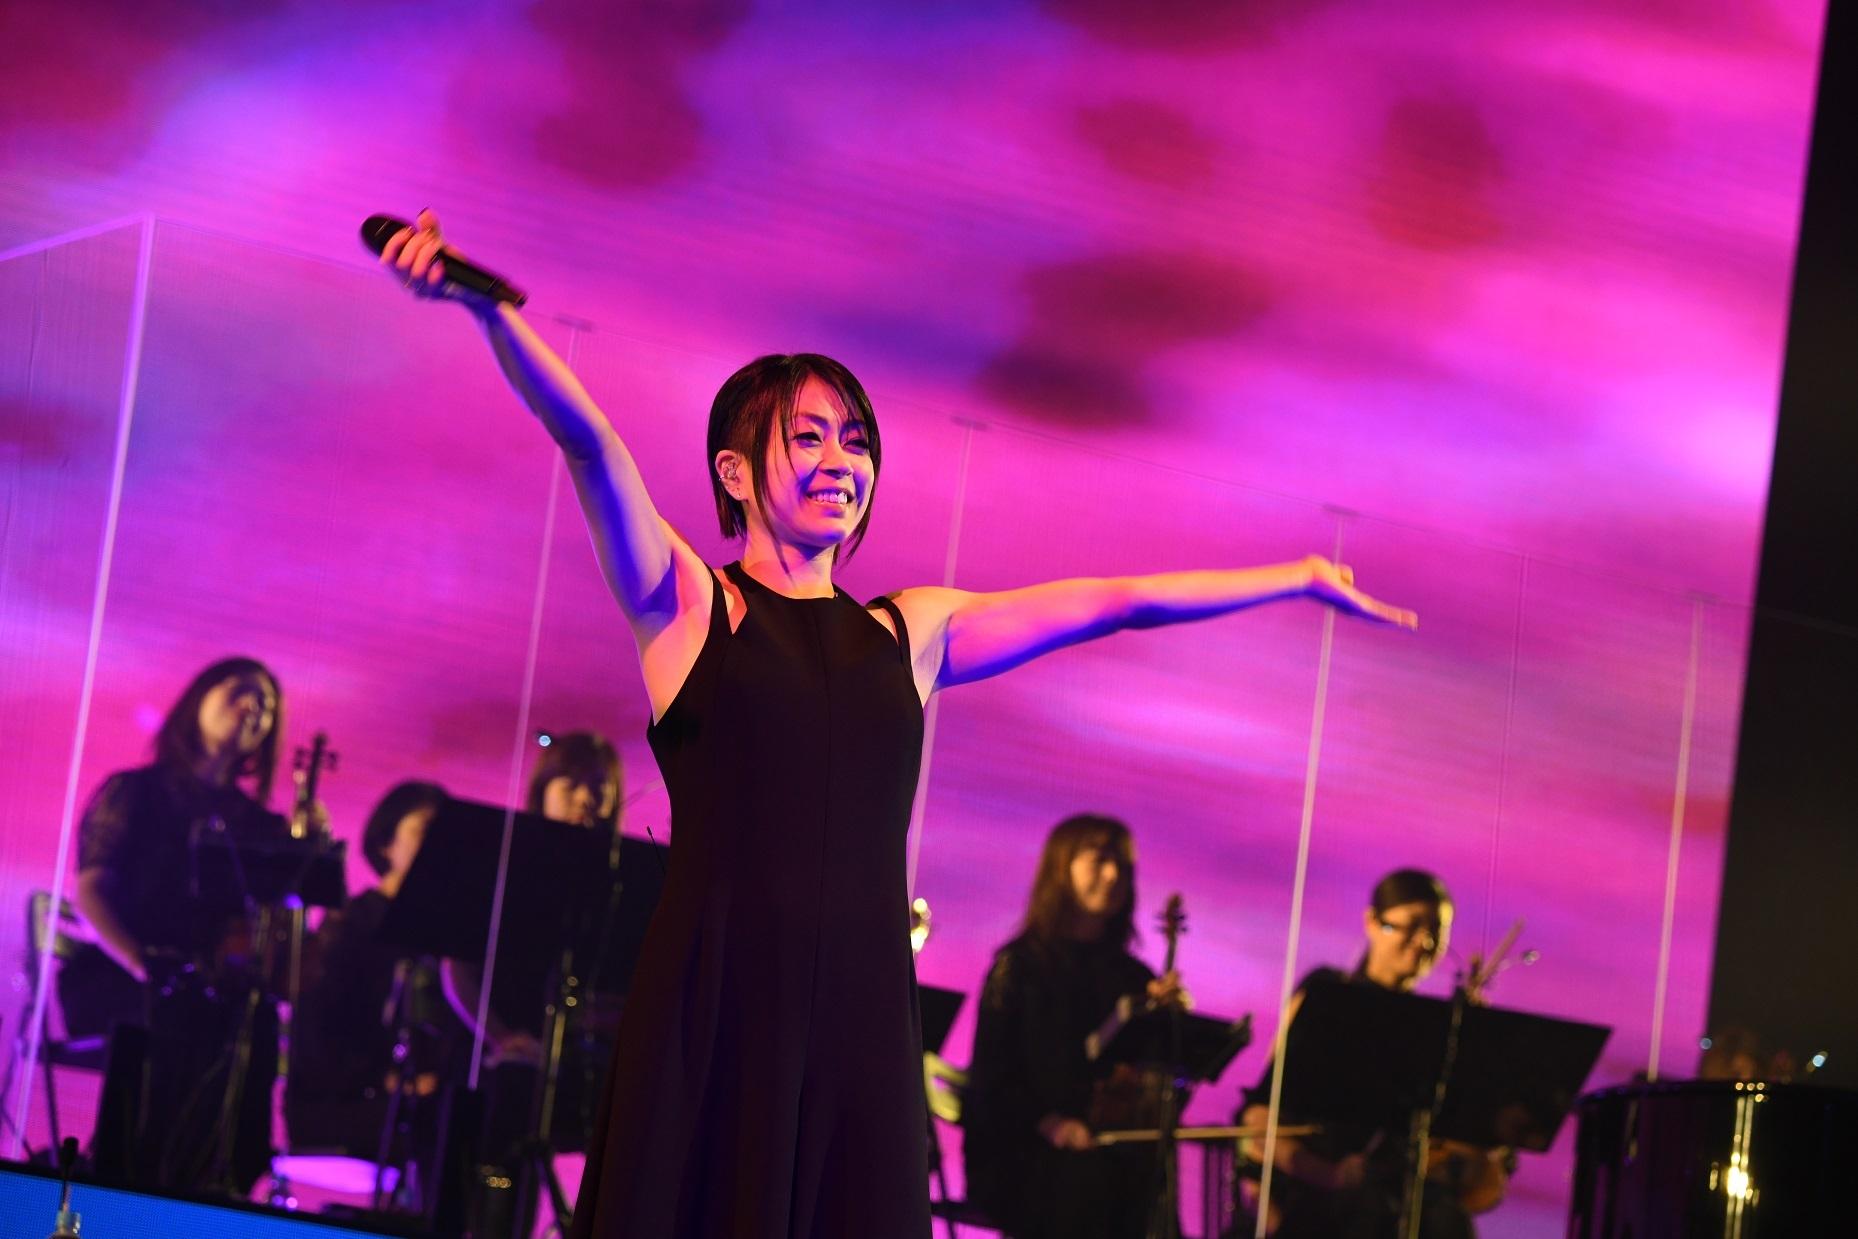 宇多田ヒカル『Hikaru Utada Laughter in the Dark Tour 2018』ファイナル公演 撮影=岸田哲平 TEPPEI KISHIDA